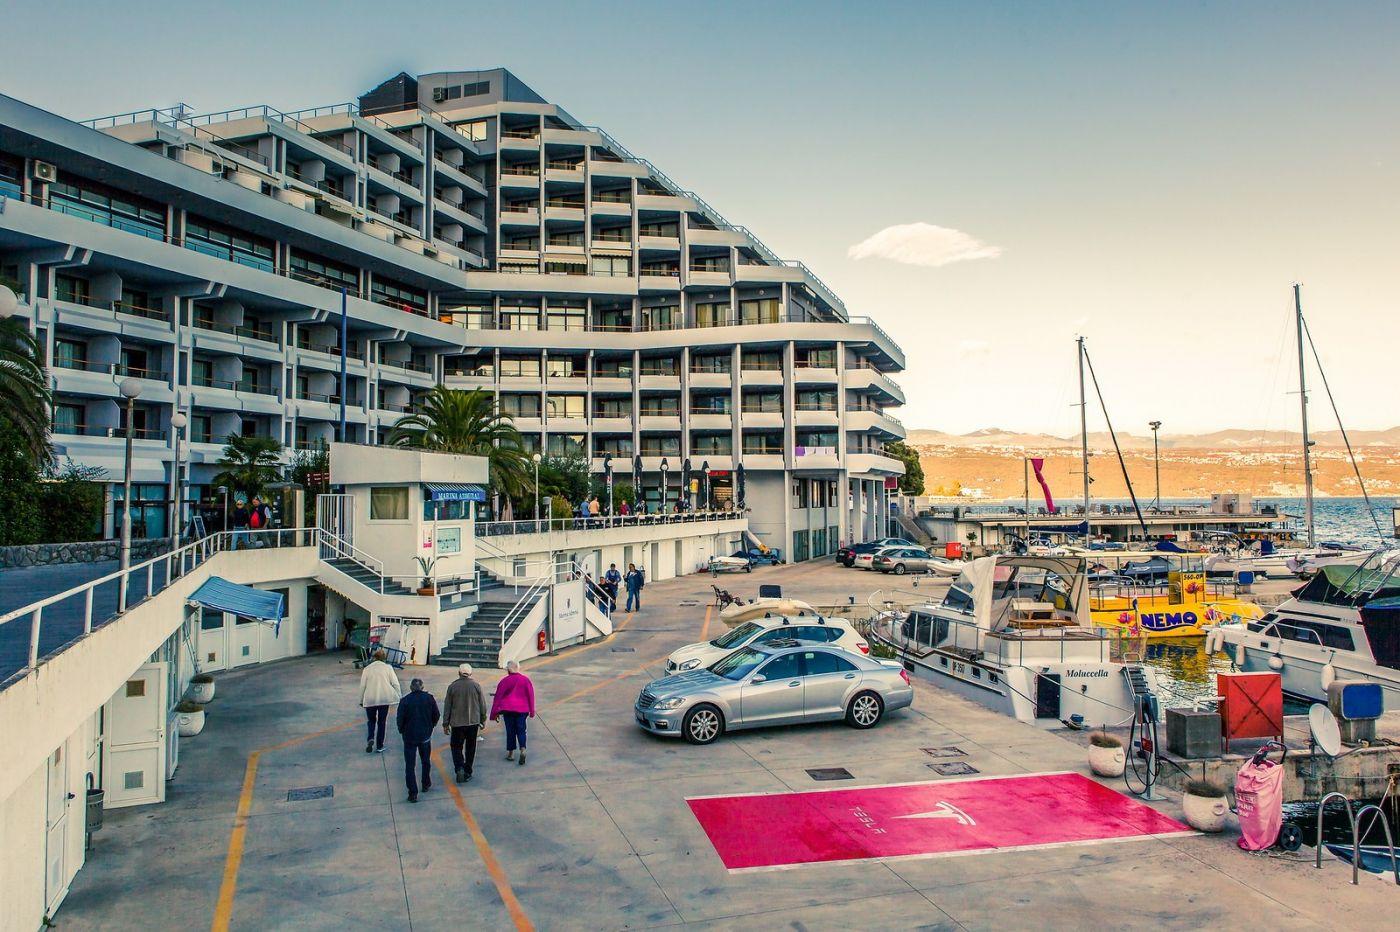 克罗地亚奥帕蒂亚(Opatija),洒满阳光的海滨城市_图1-37